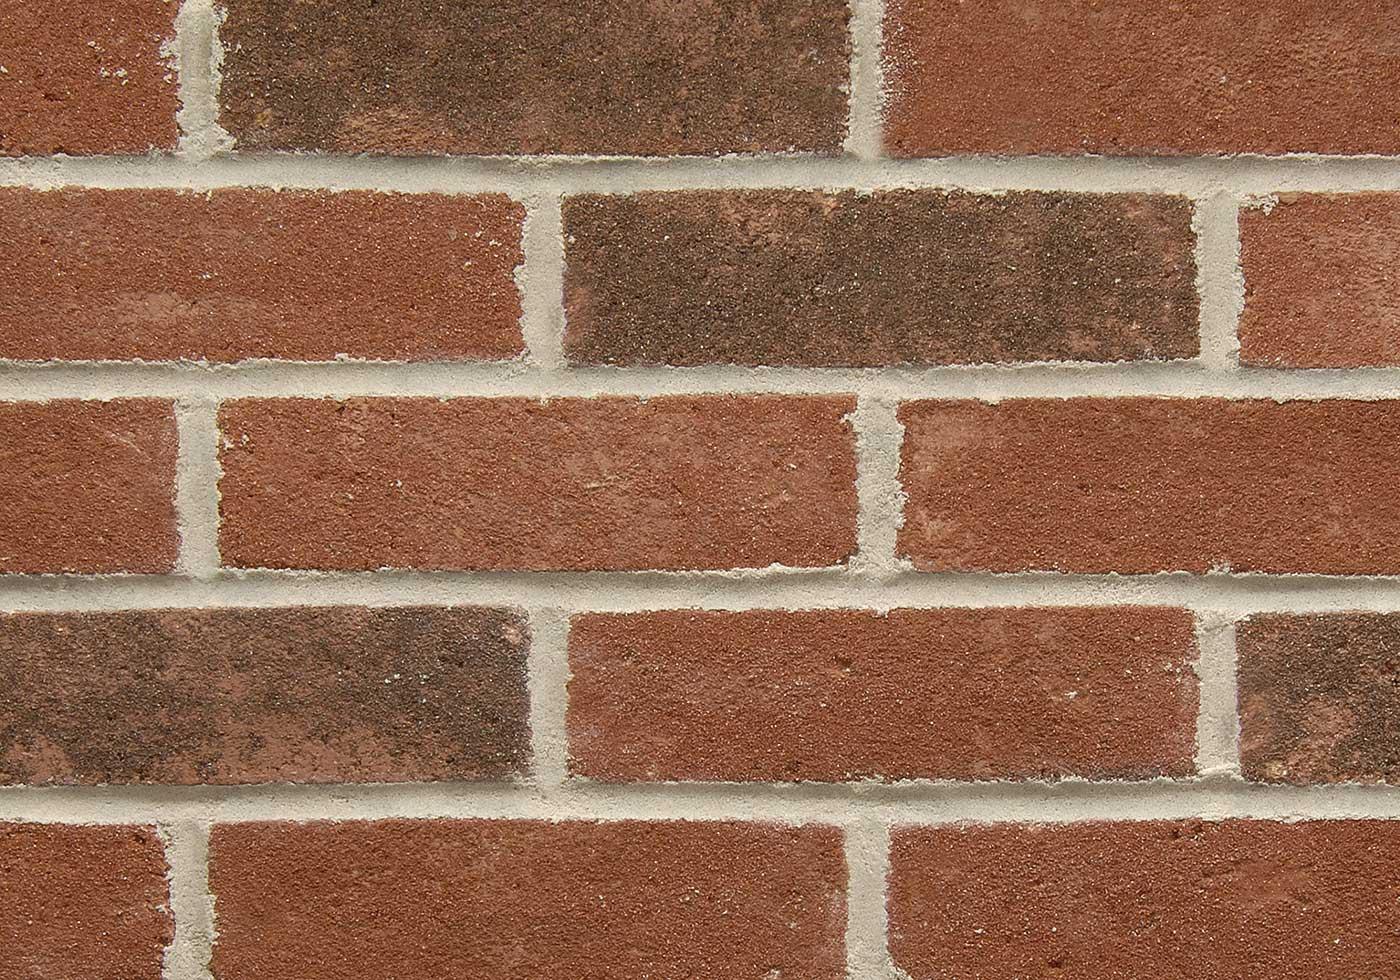 Cimarron brick close-up